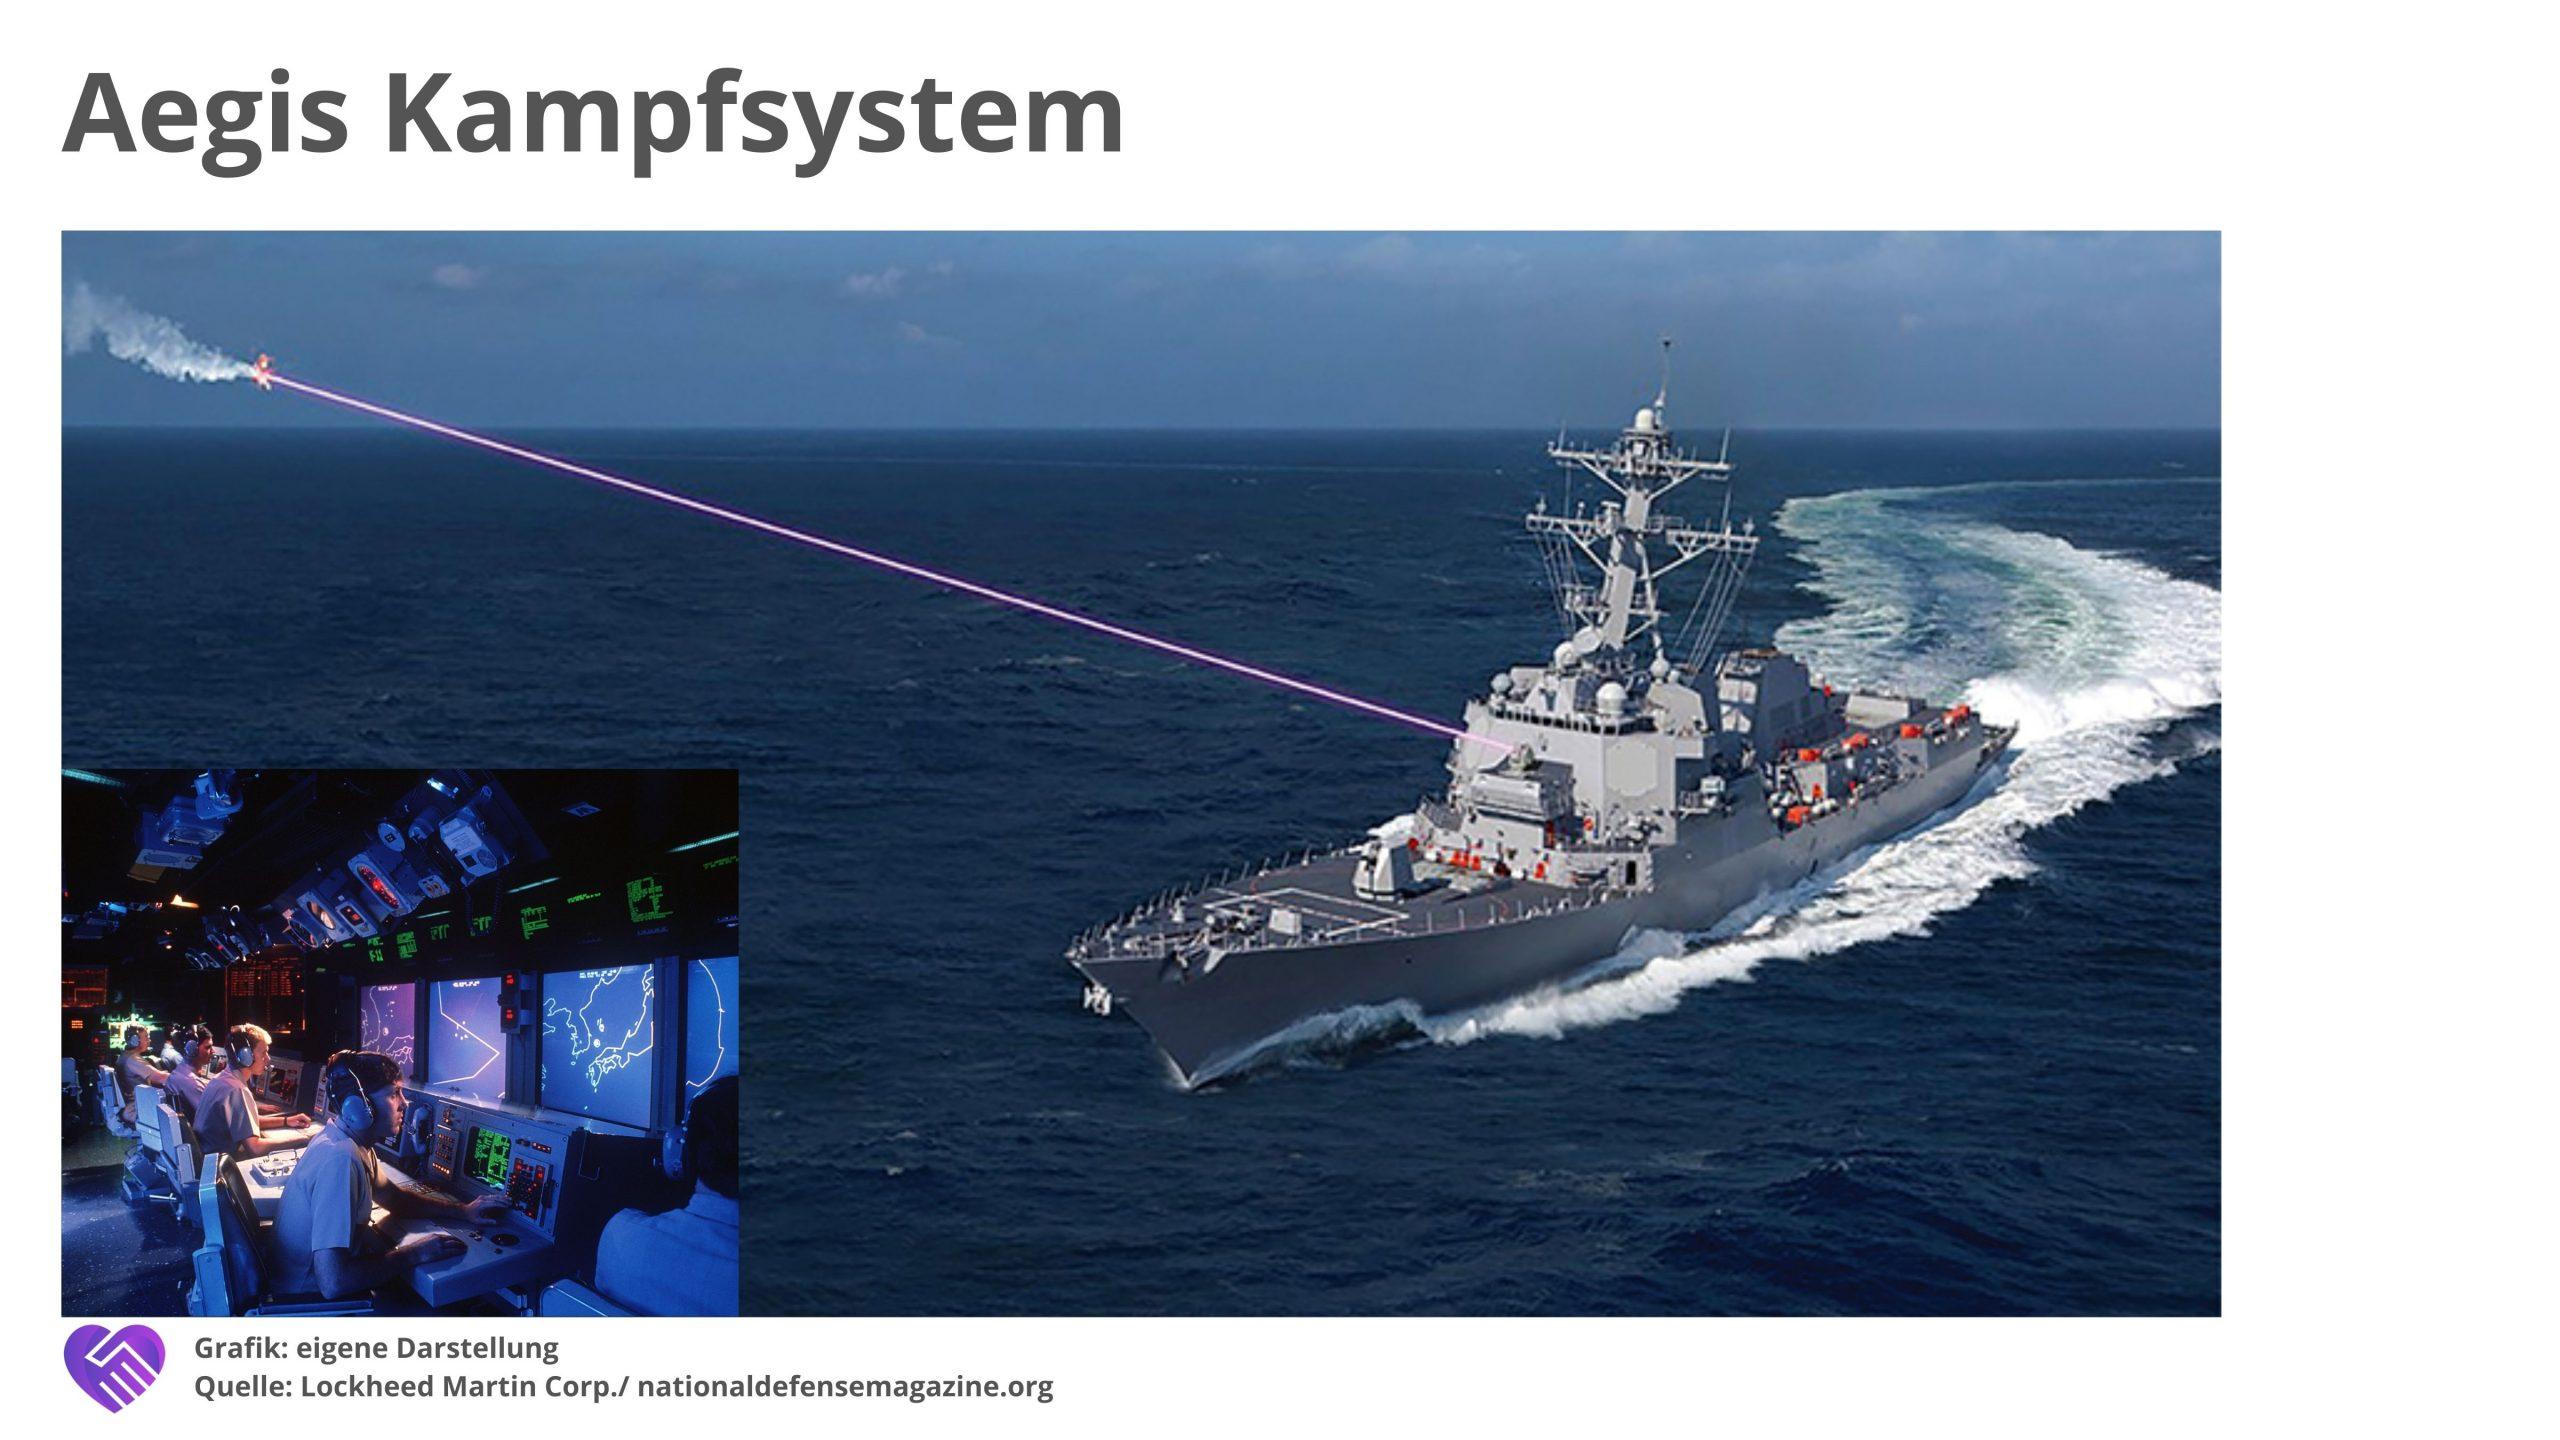 Lockheed Martin Aktie Analyse Geschäftsmodell Aegis Kampfsystem